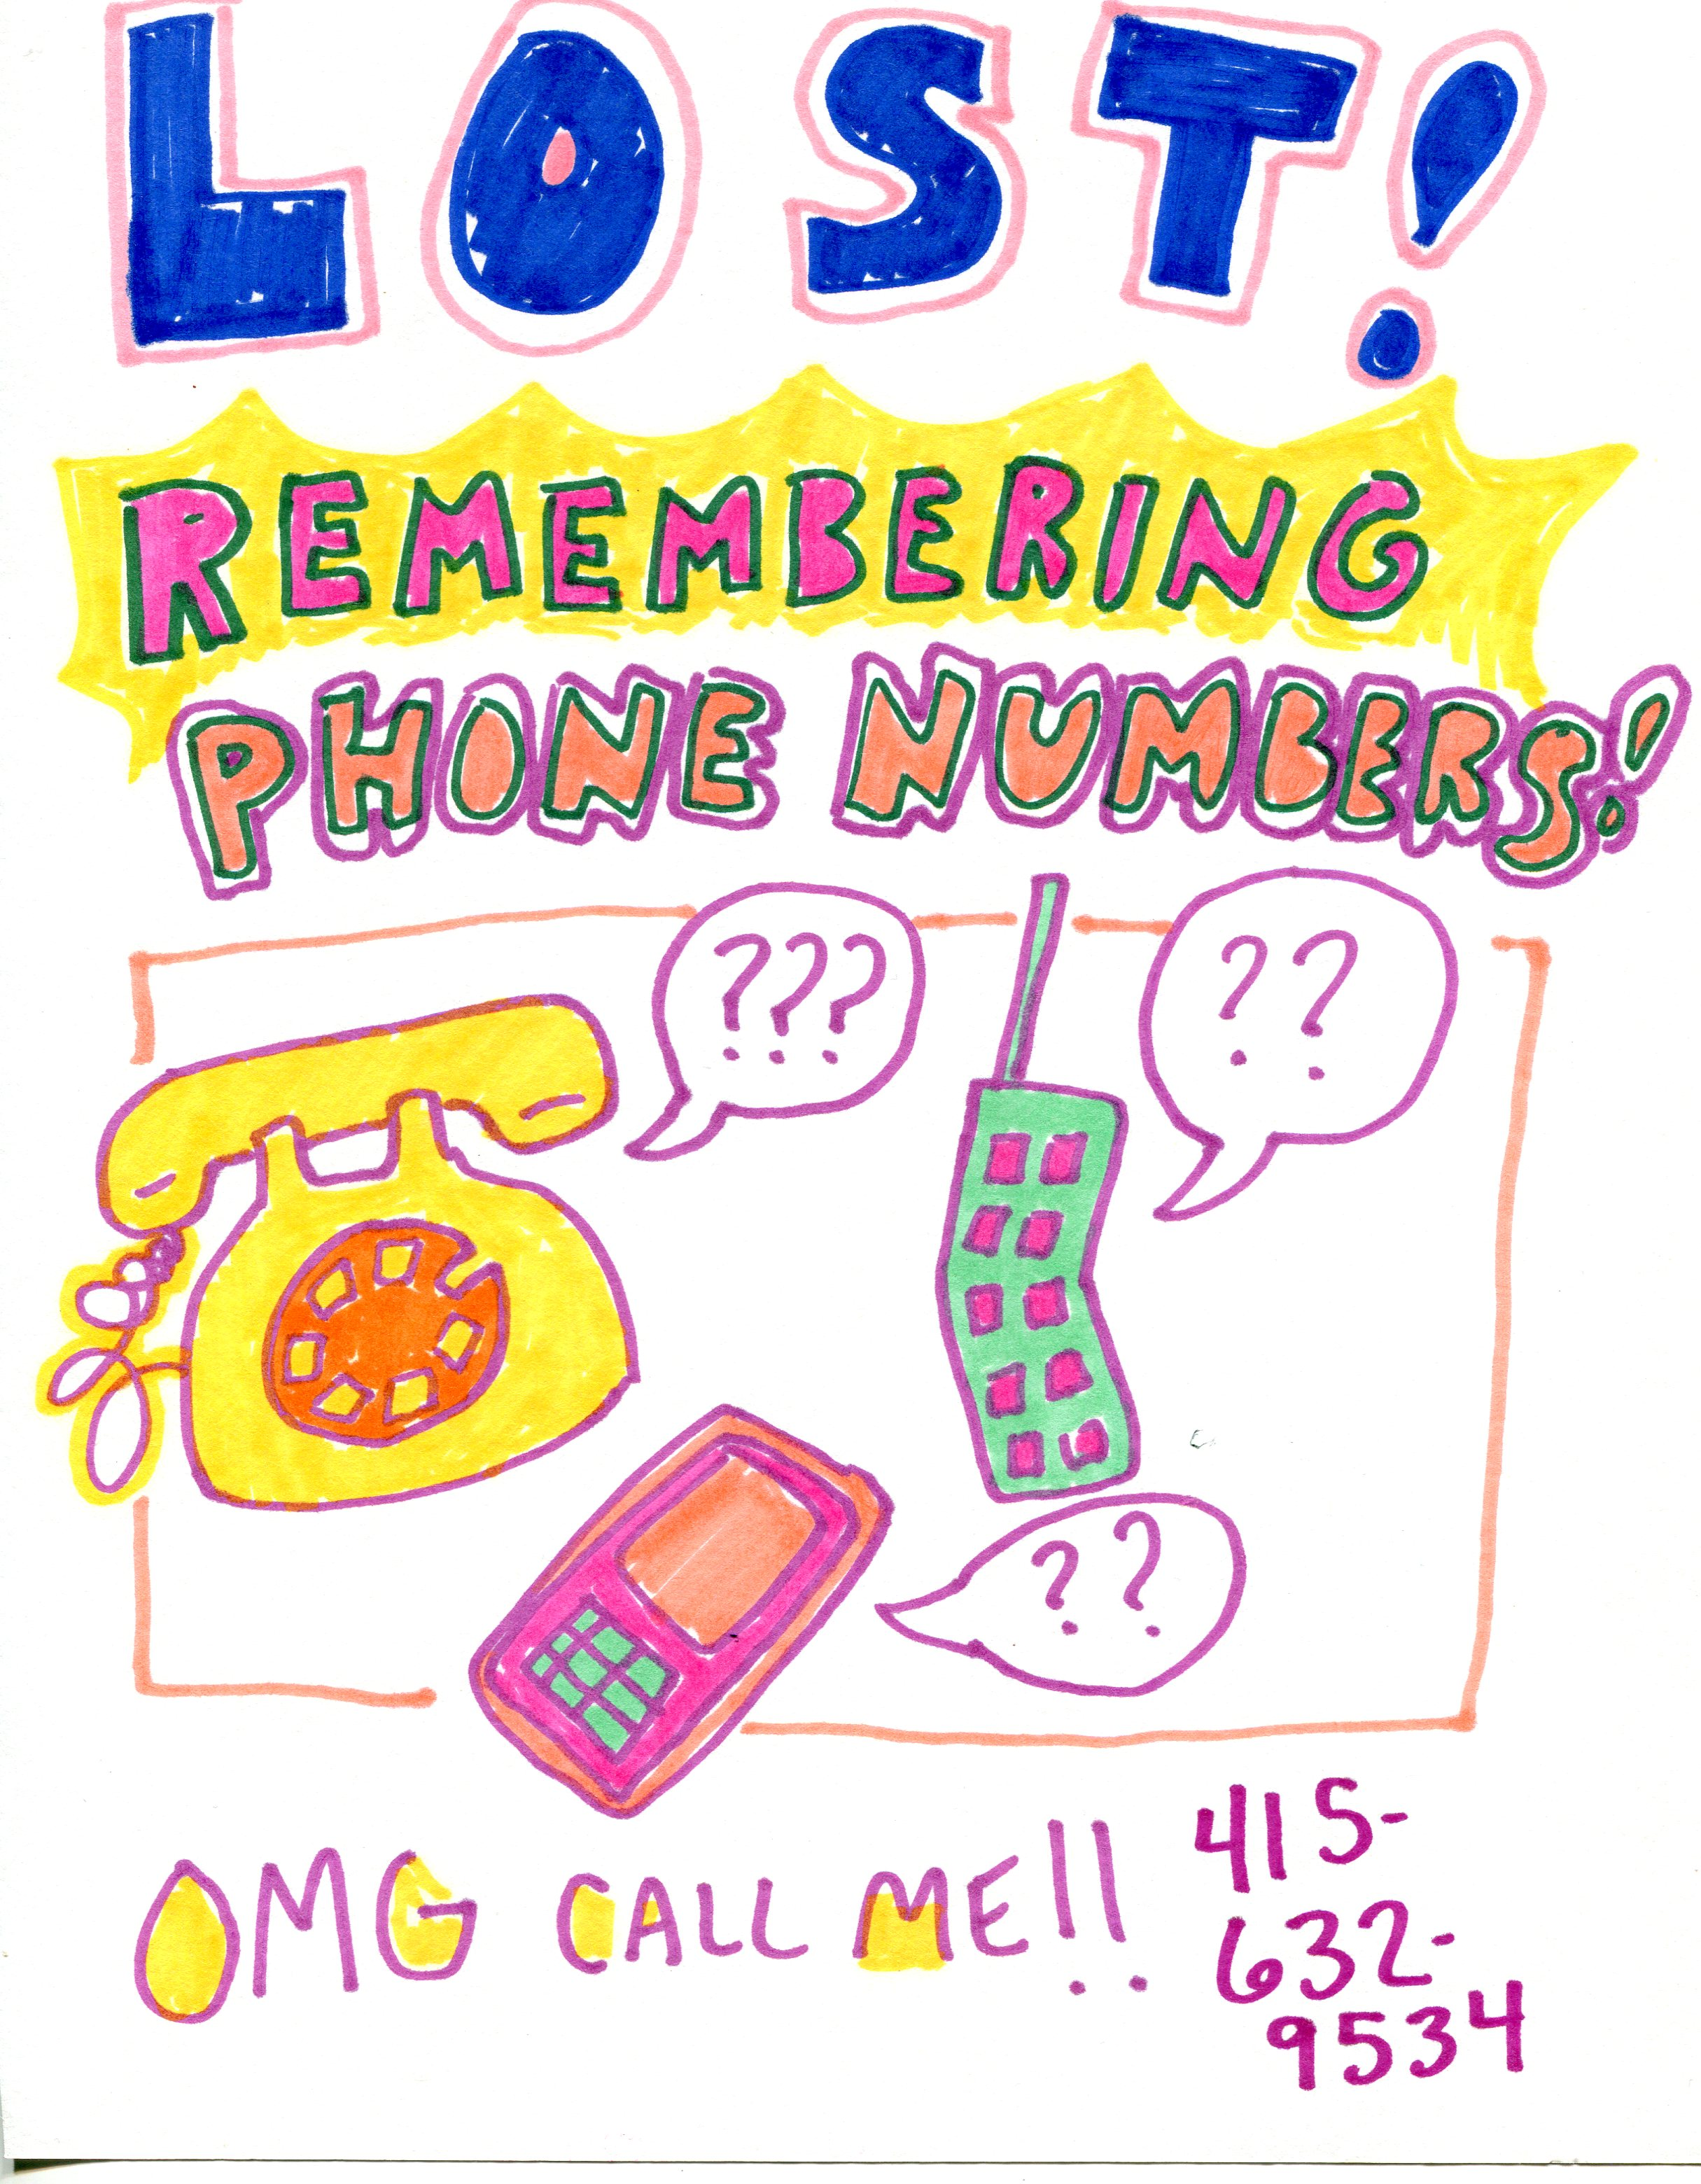 rememberingphonenumbers.jpg